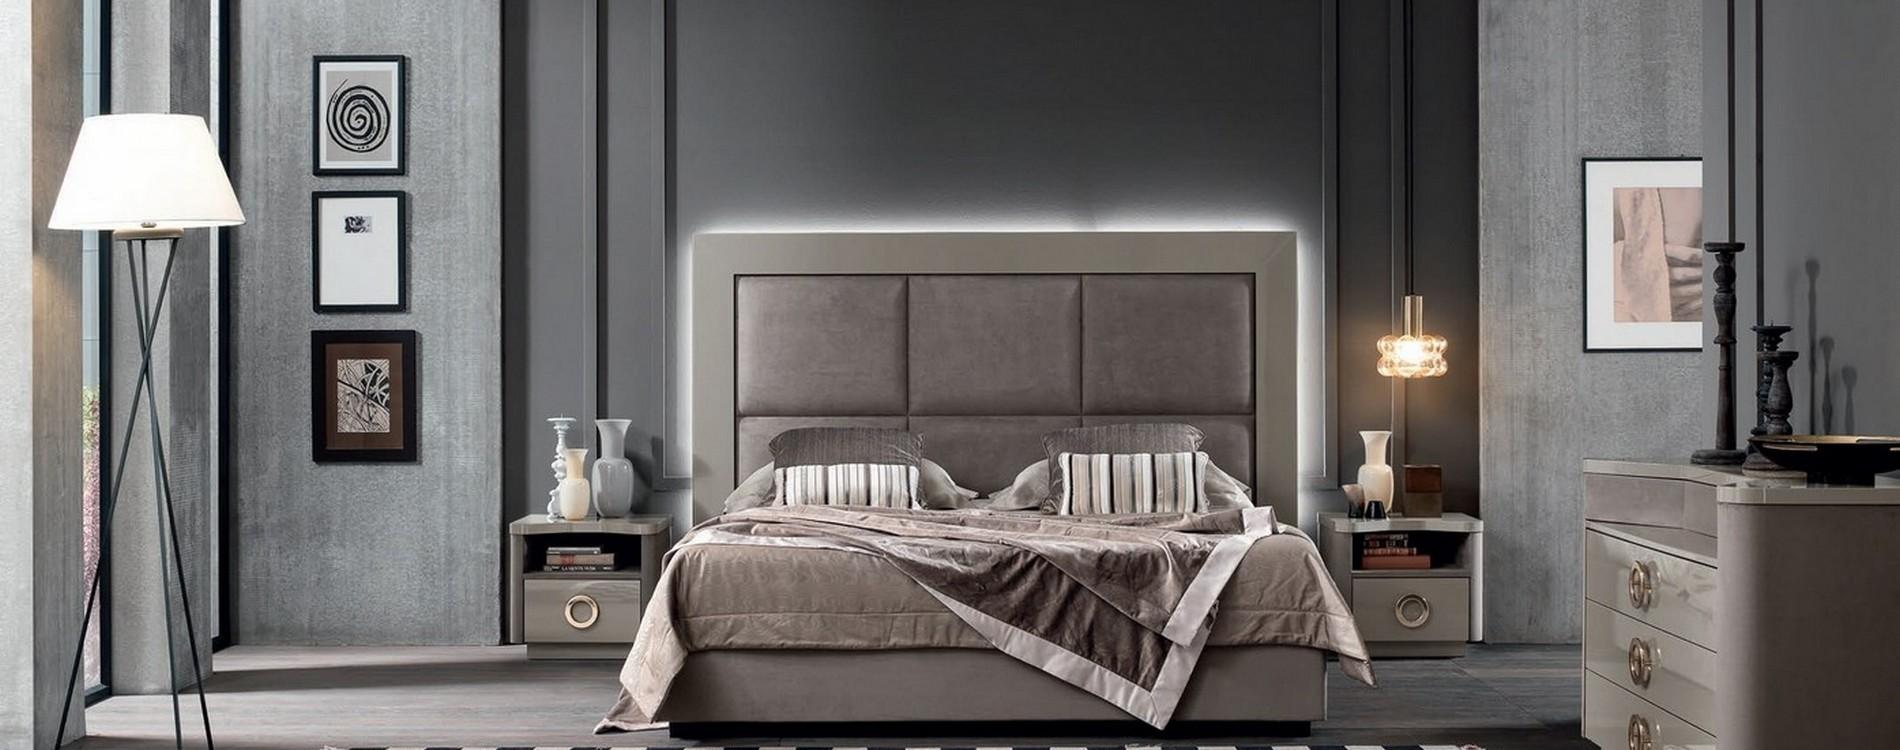 Mobilificio europa camere da letto letti comodini armadi - Subito it camere da letto ...